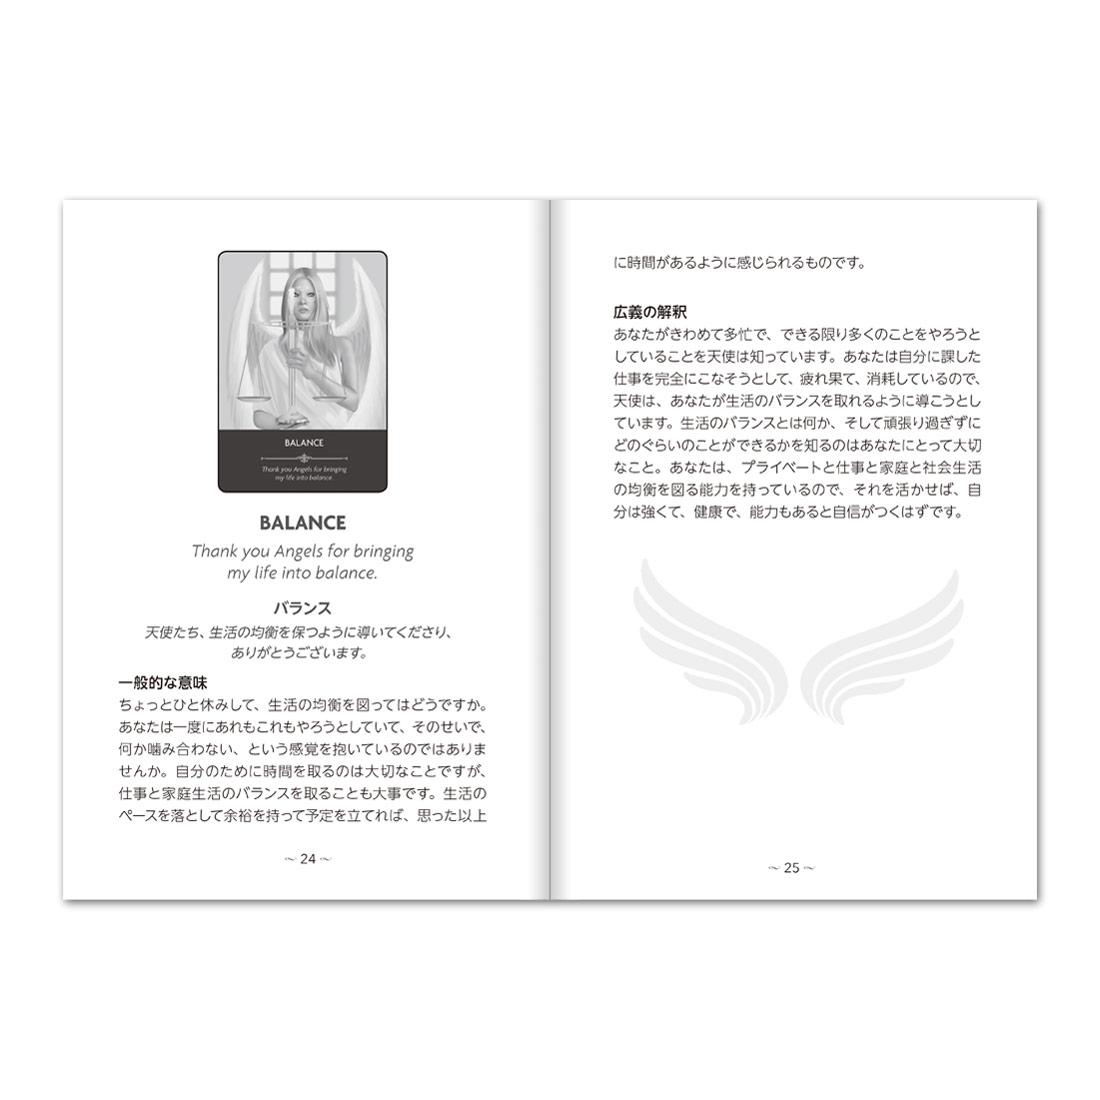 【期間限定セット割引】『エンジェルプレイヤーオラクルカード』&『エンジェルズ&アンセスターズオラクルカード』